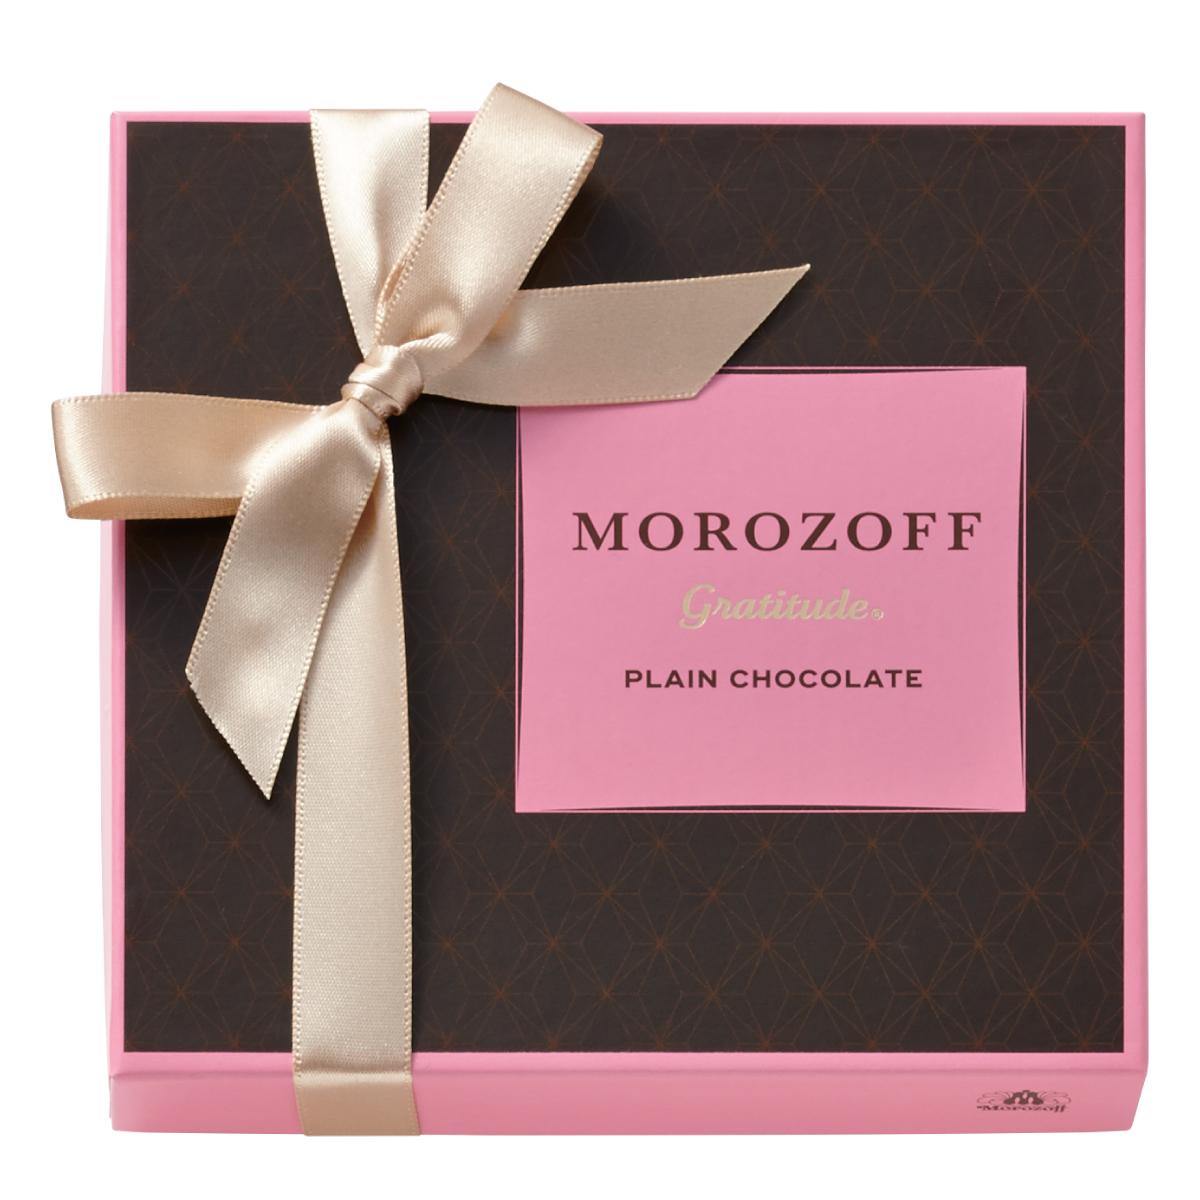 Morozov gratitude (plain) 68 g (12 pieces)